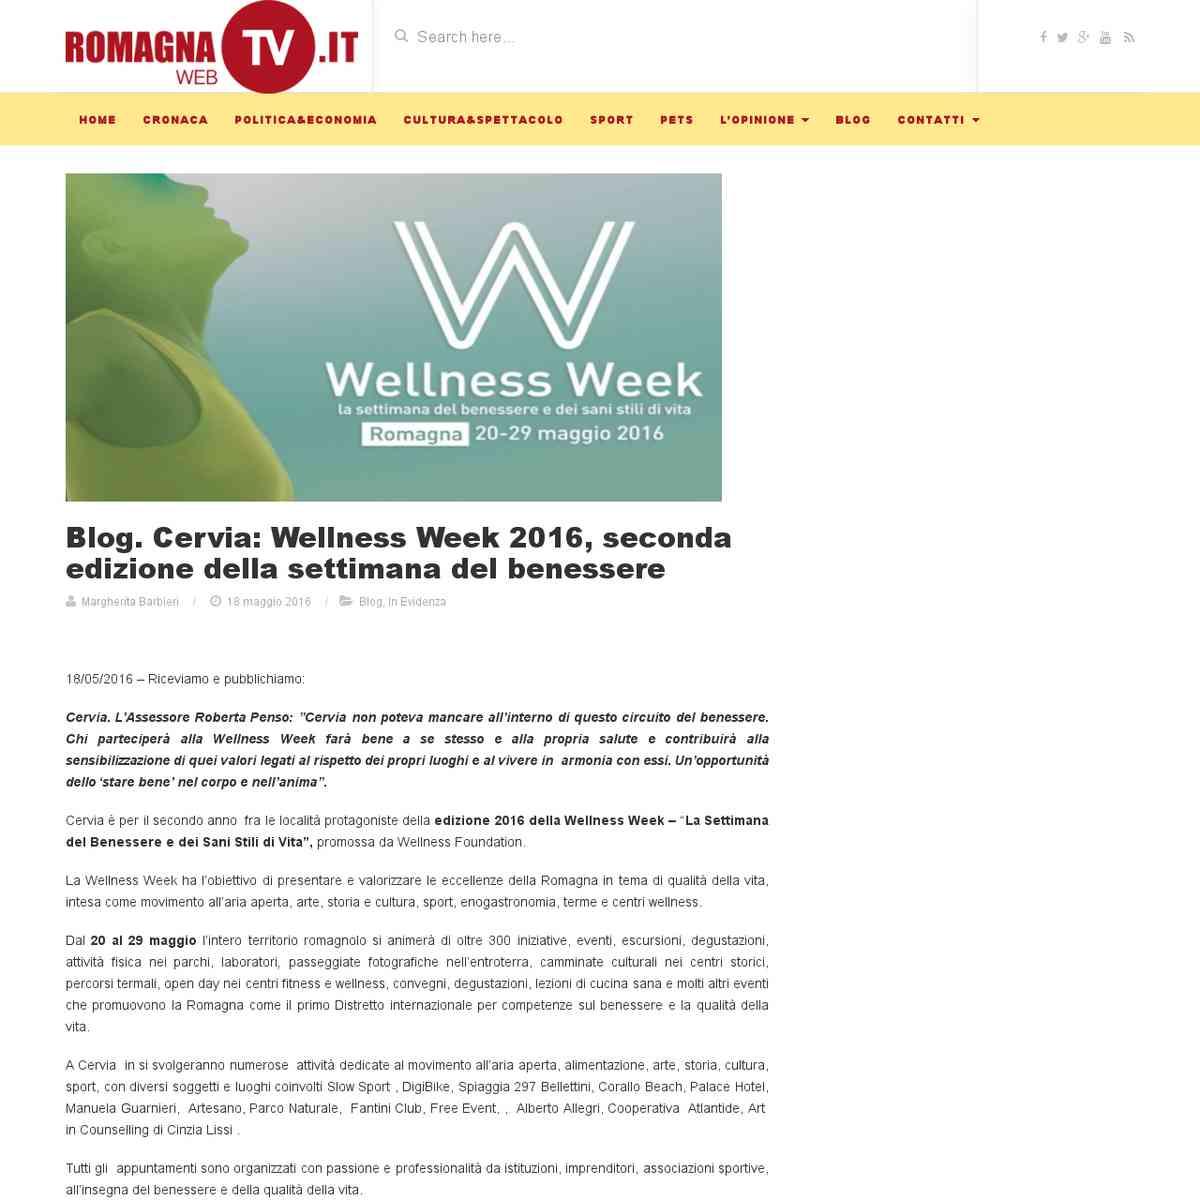 Blog. Cervia: Wellness Week 2016, seconda edizione della settimana del benessere - Romagna web tv -…